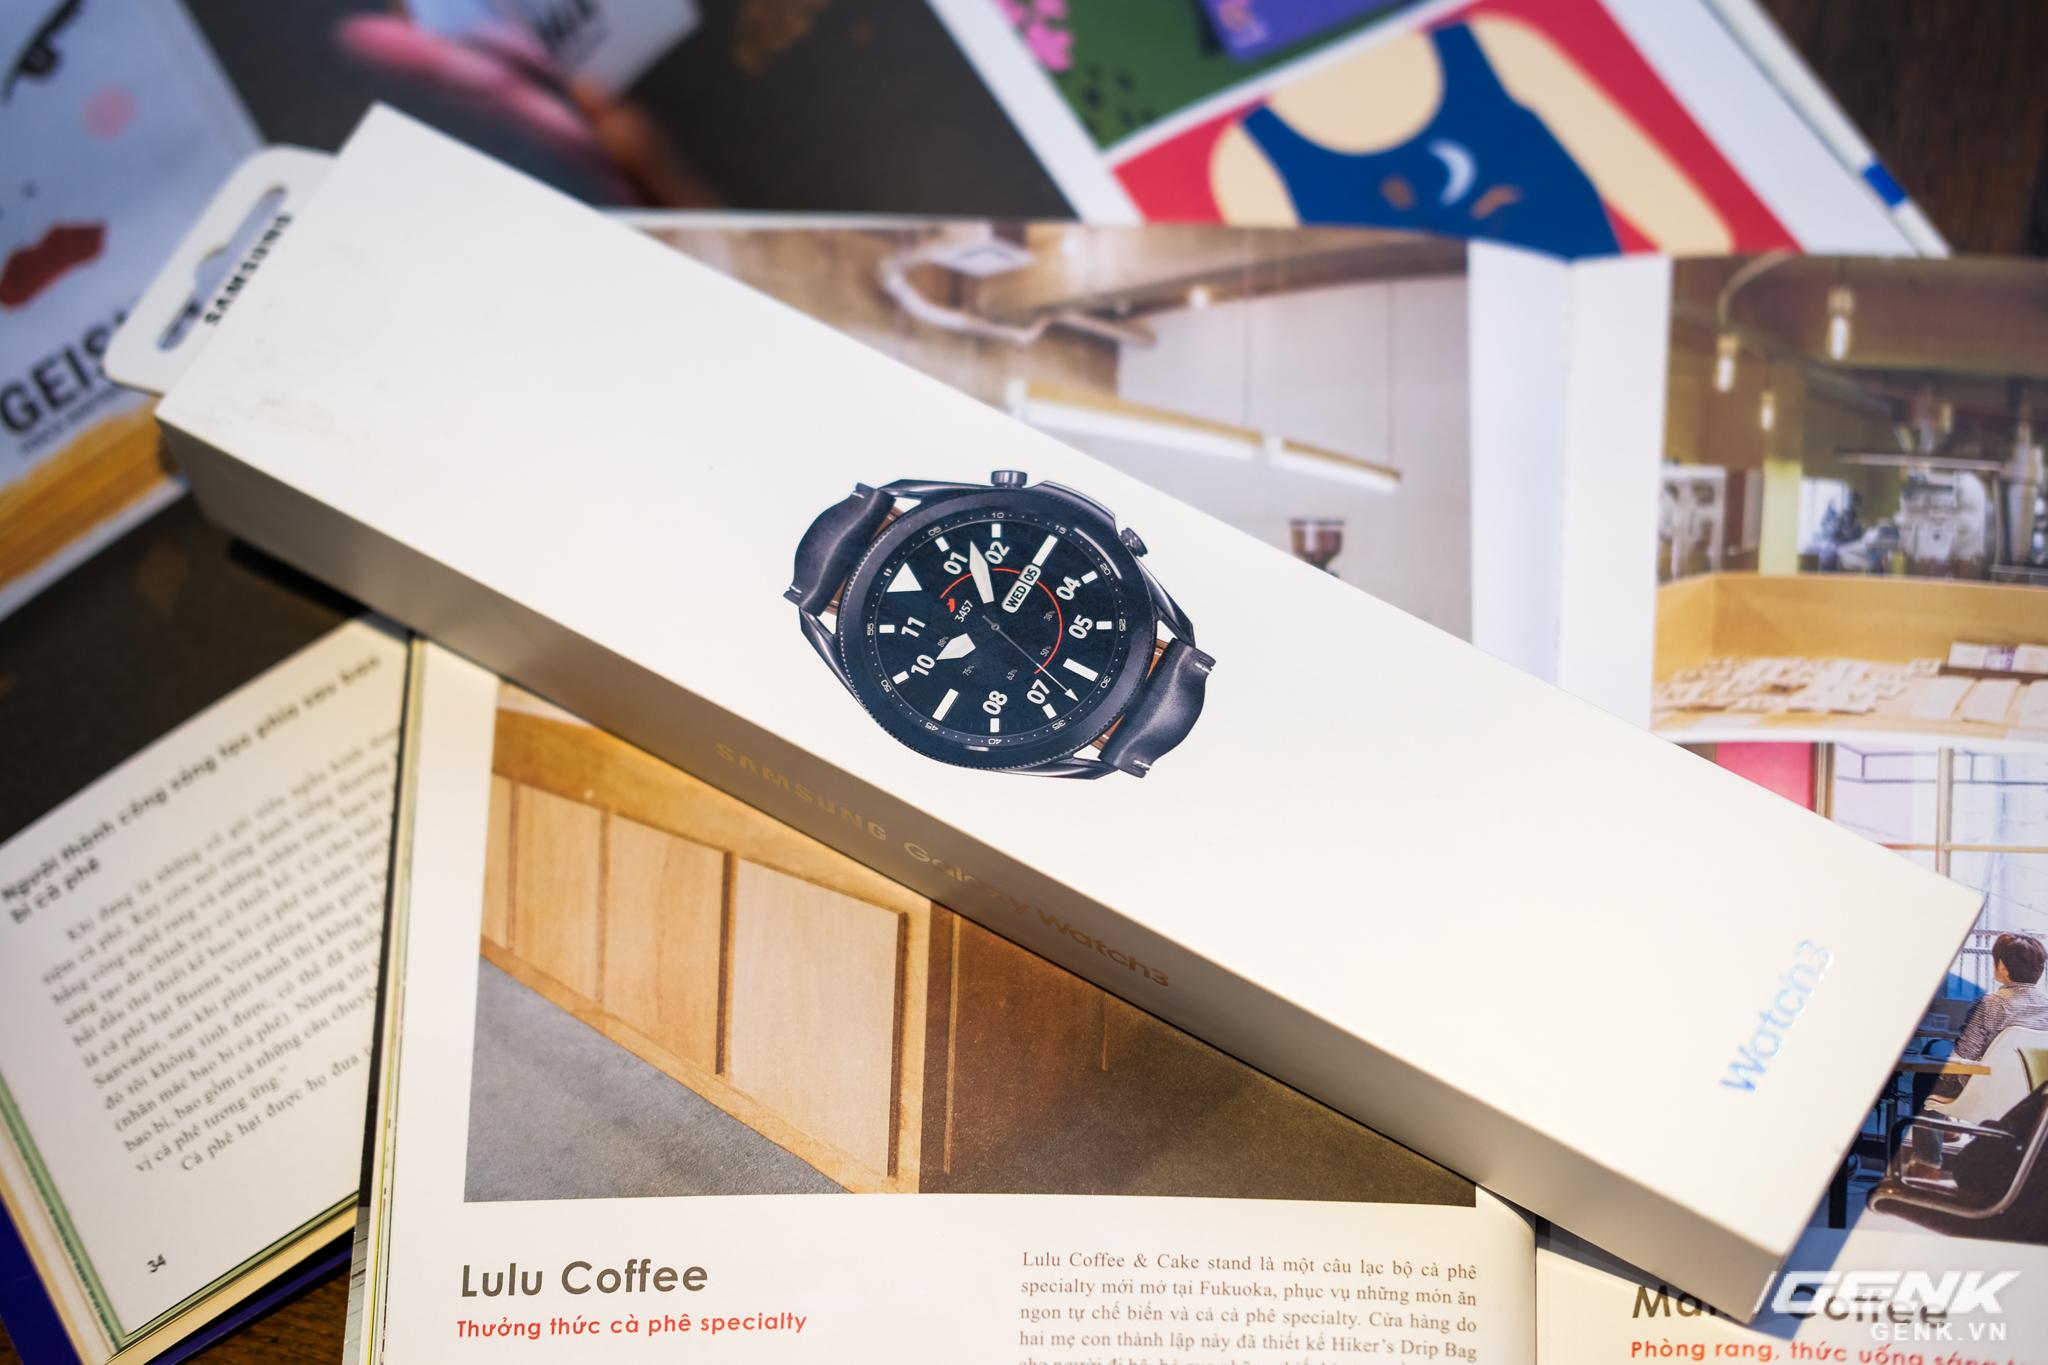 Mở hộp Galaxy Watch3 mặt 45mm: Thiết kế thanh lịch hơn, trang bị khả năng đo nồng độ oxy trong máu, có hơn 120 bài tập tại nhà, bản GPS giá từ 9,99 triệu đồng - Ảnh 1.